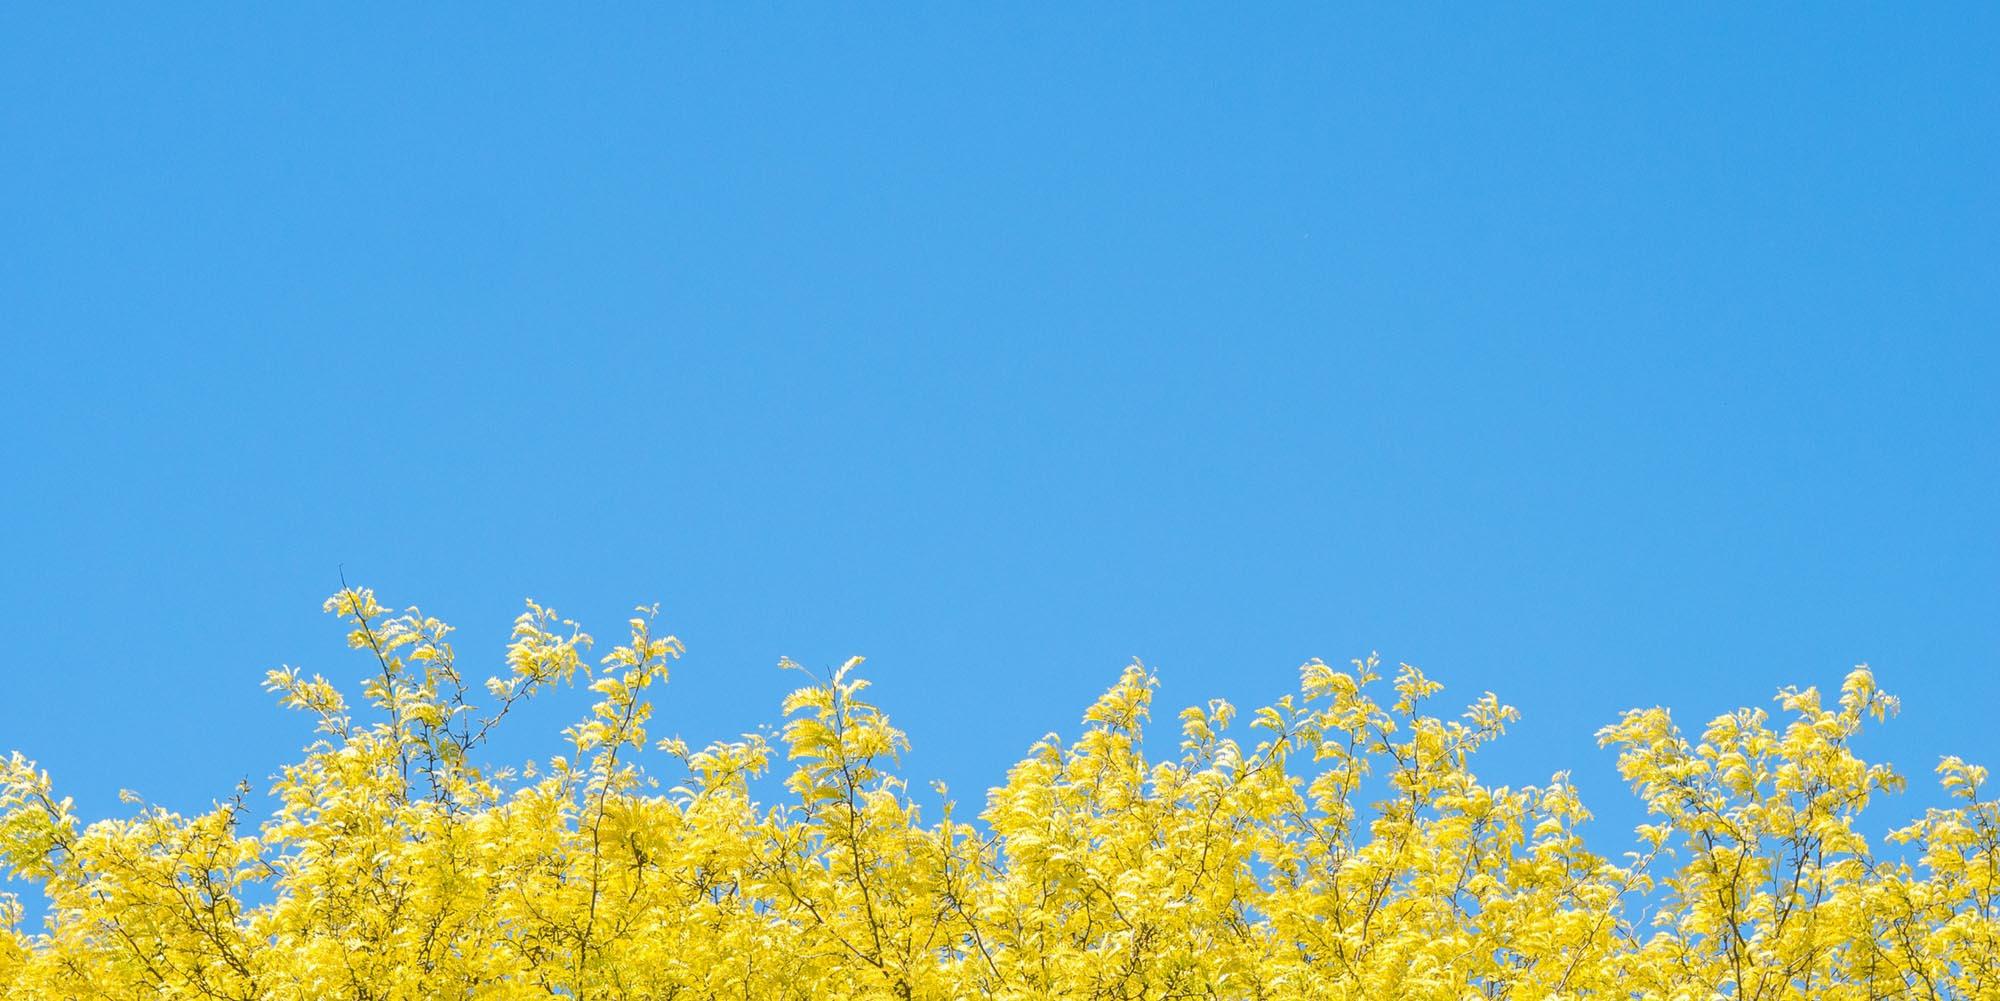 Conseils pour r aliser une photo minimaliste parenth se for Photographie minimaliste